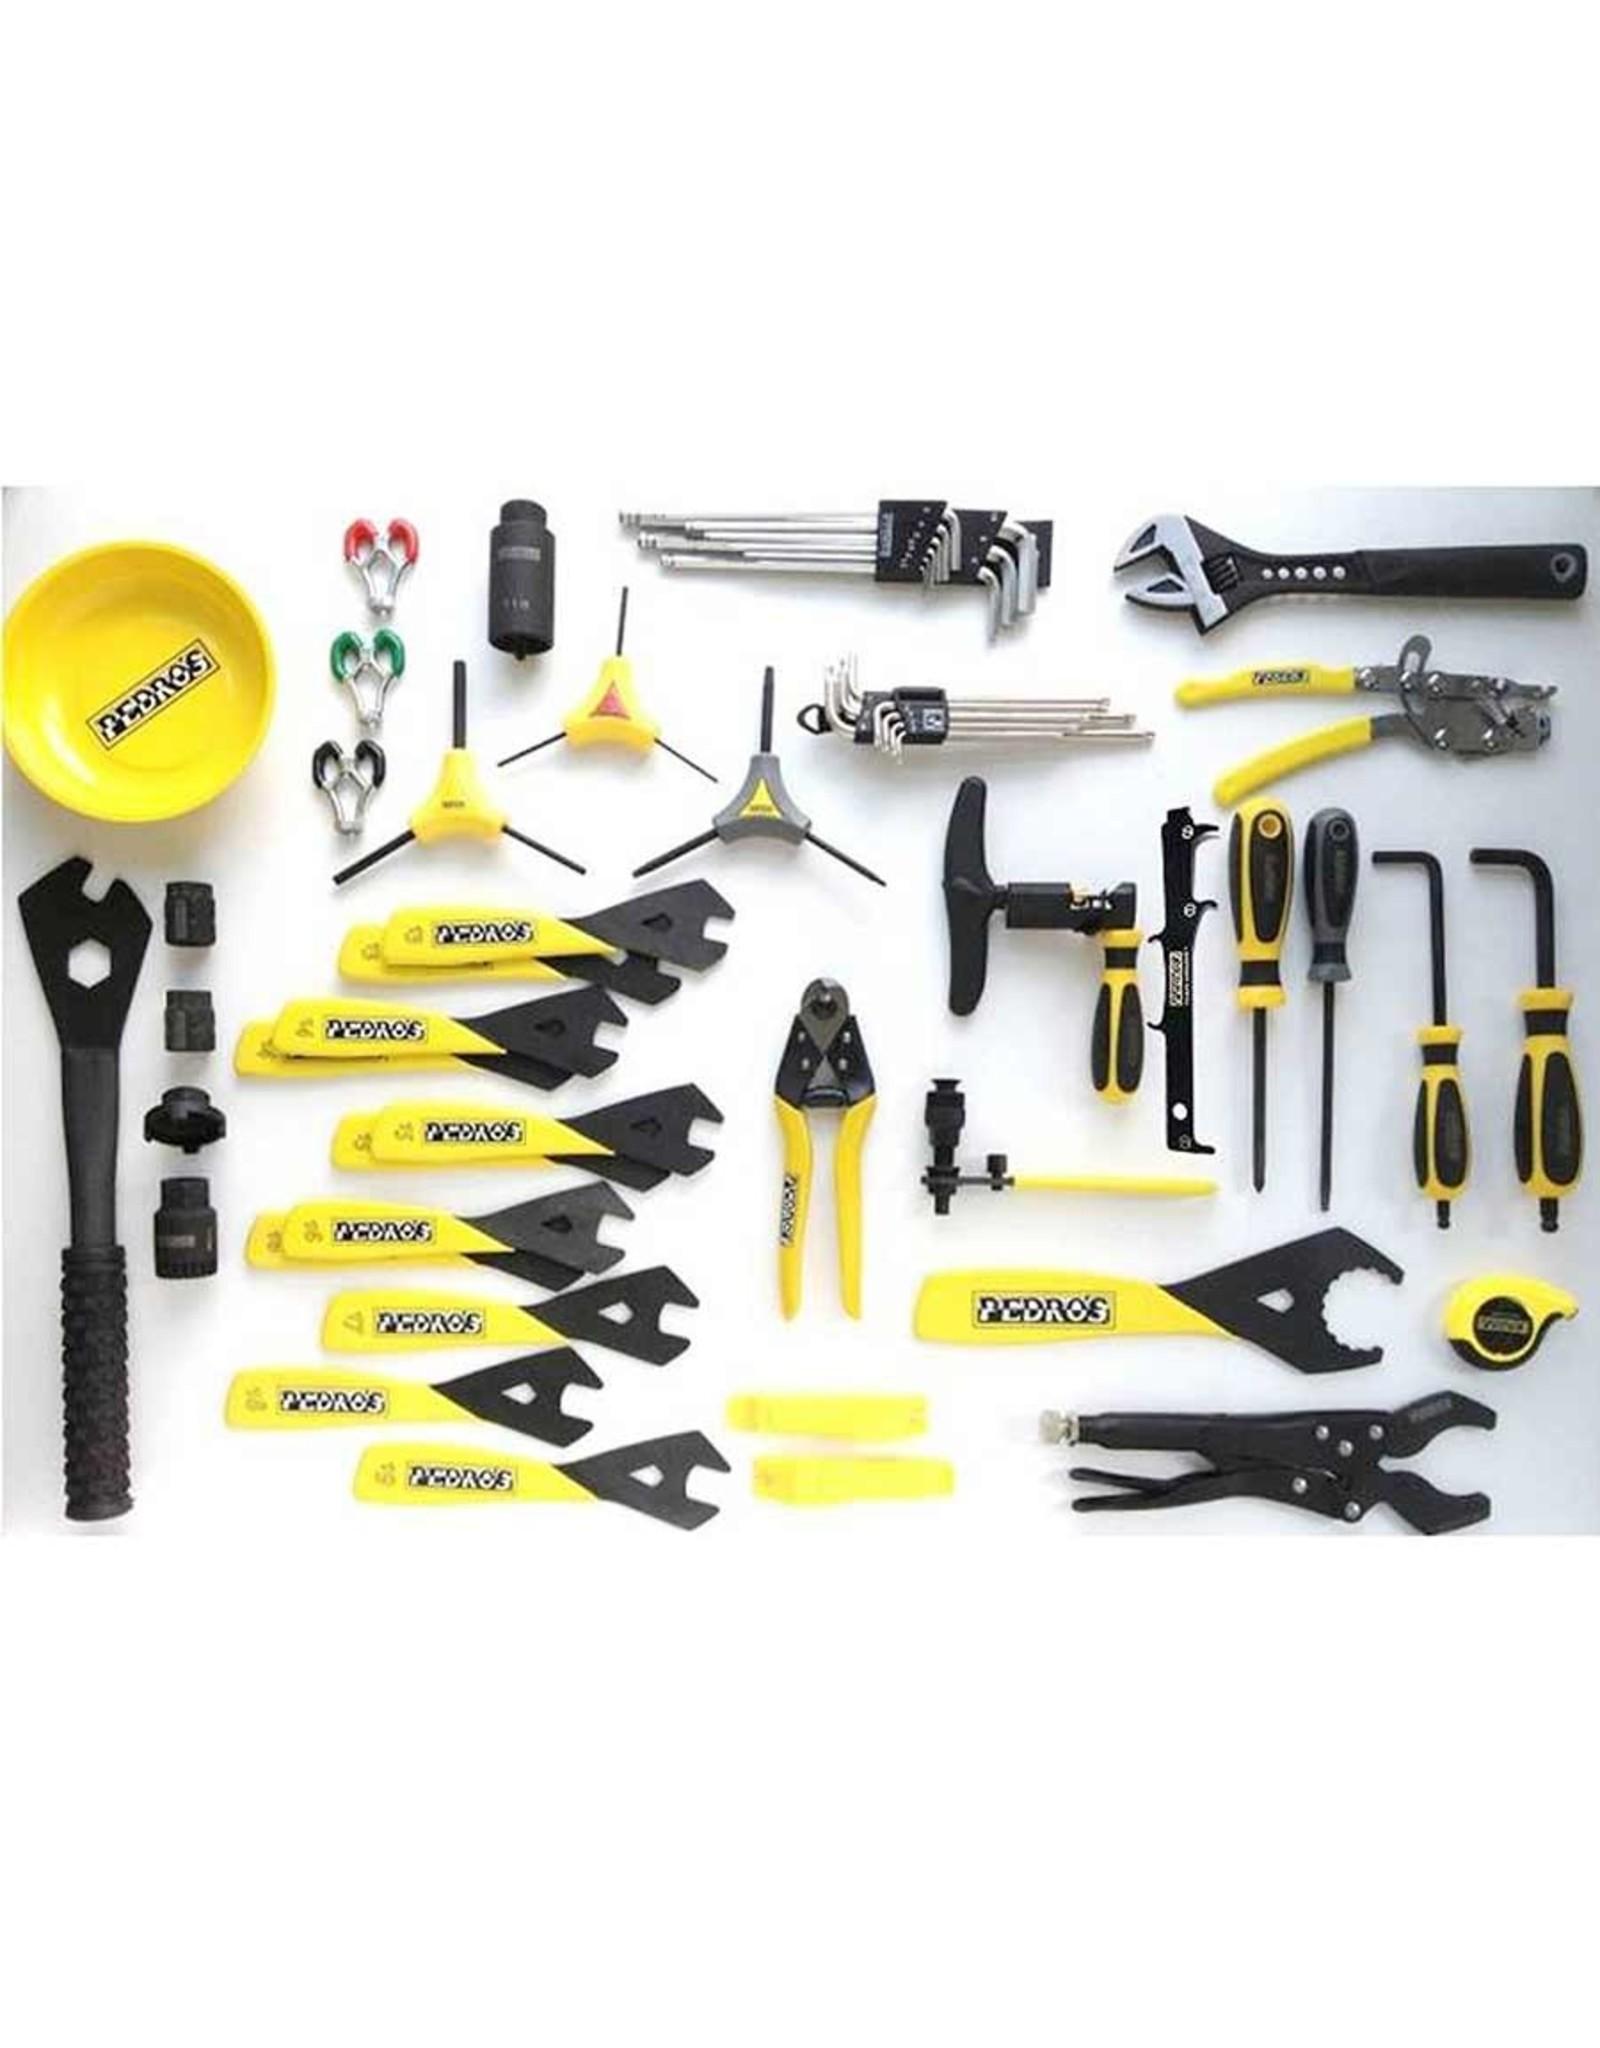 Apprentice Bench Tool Kit